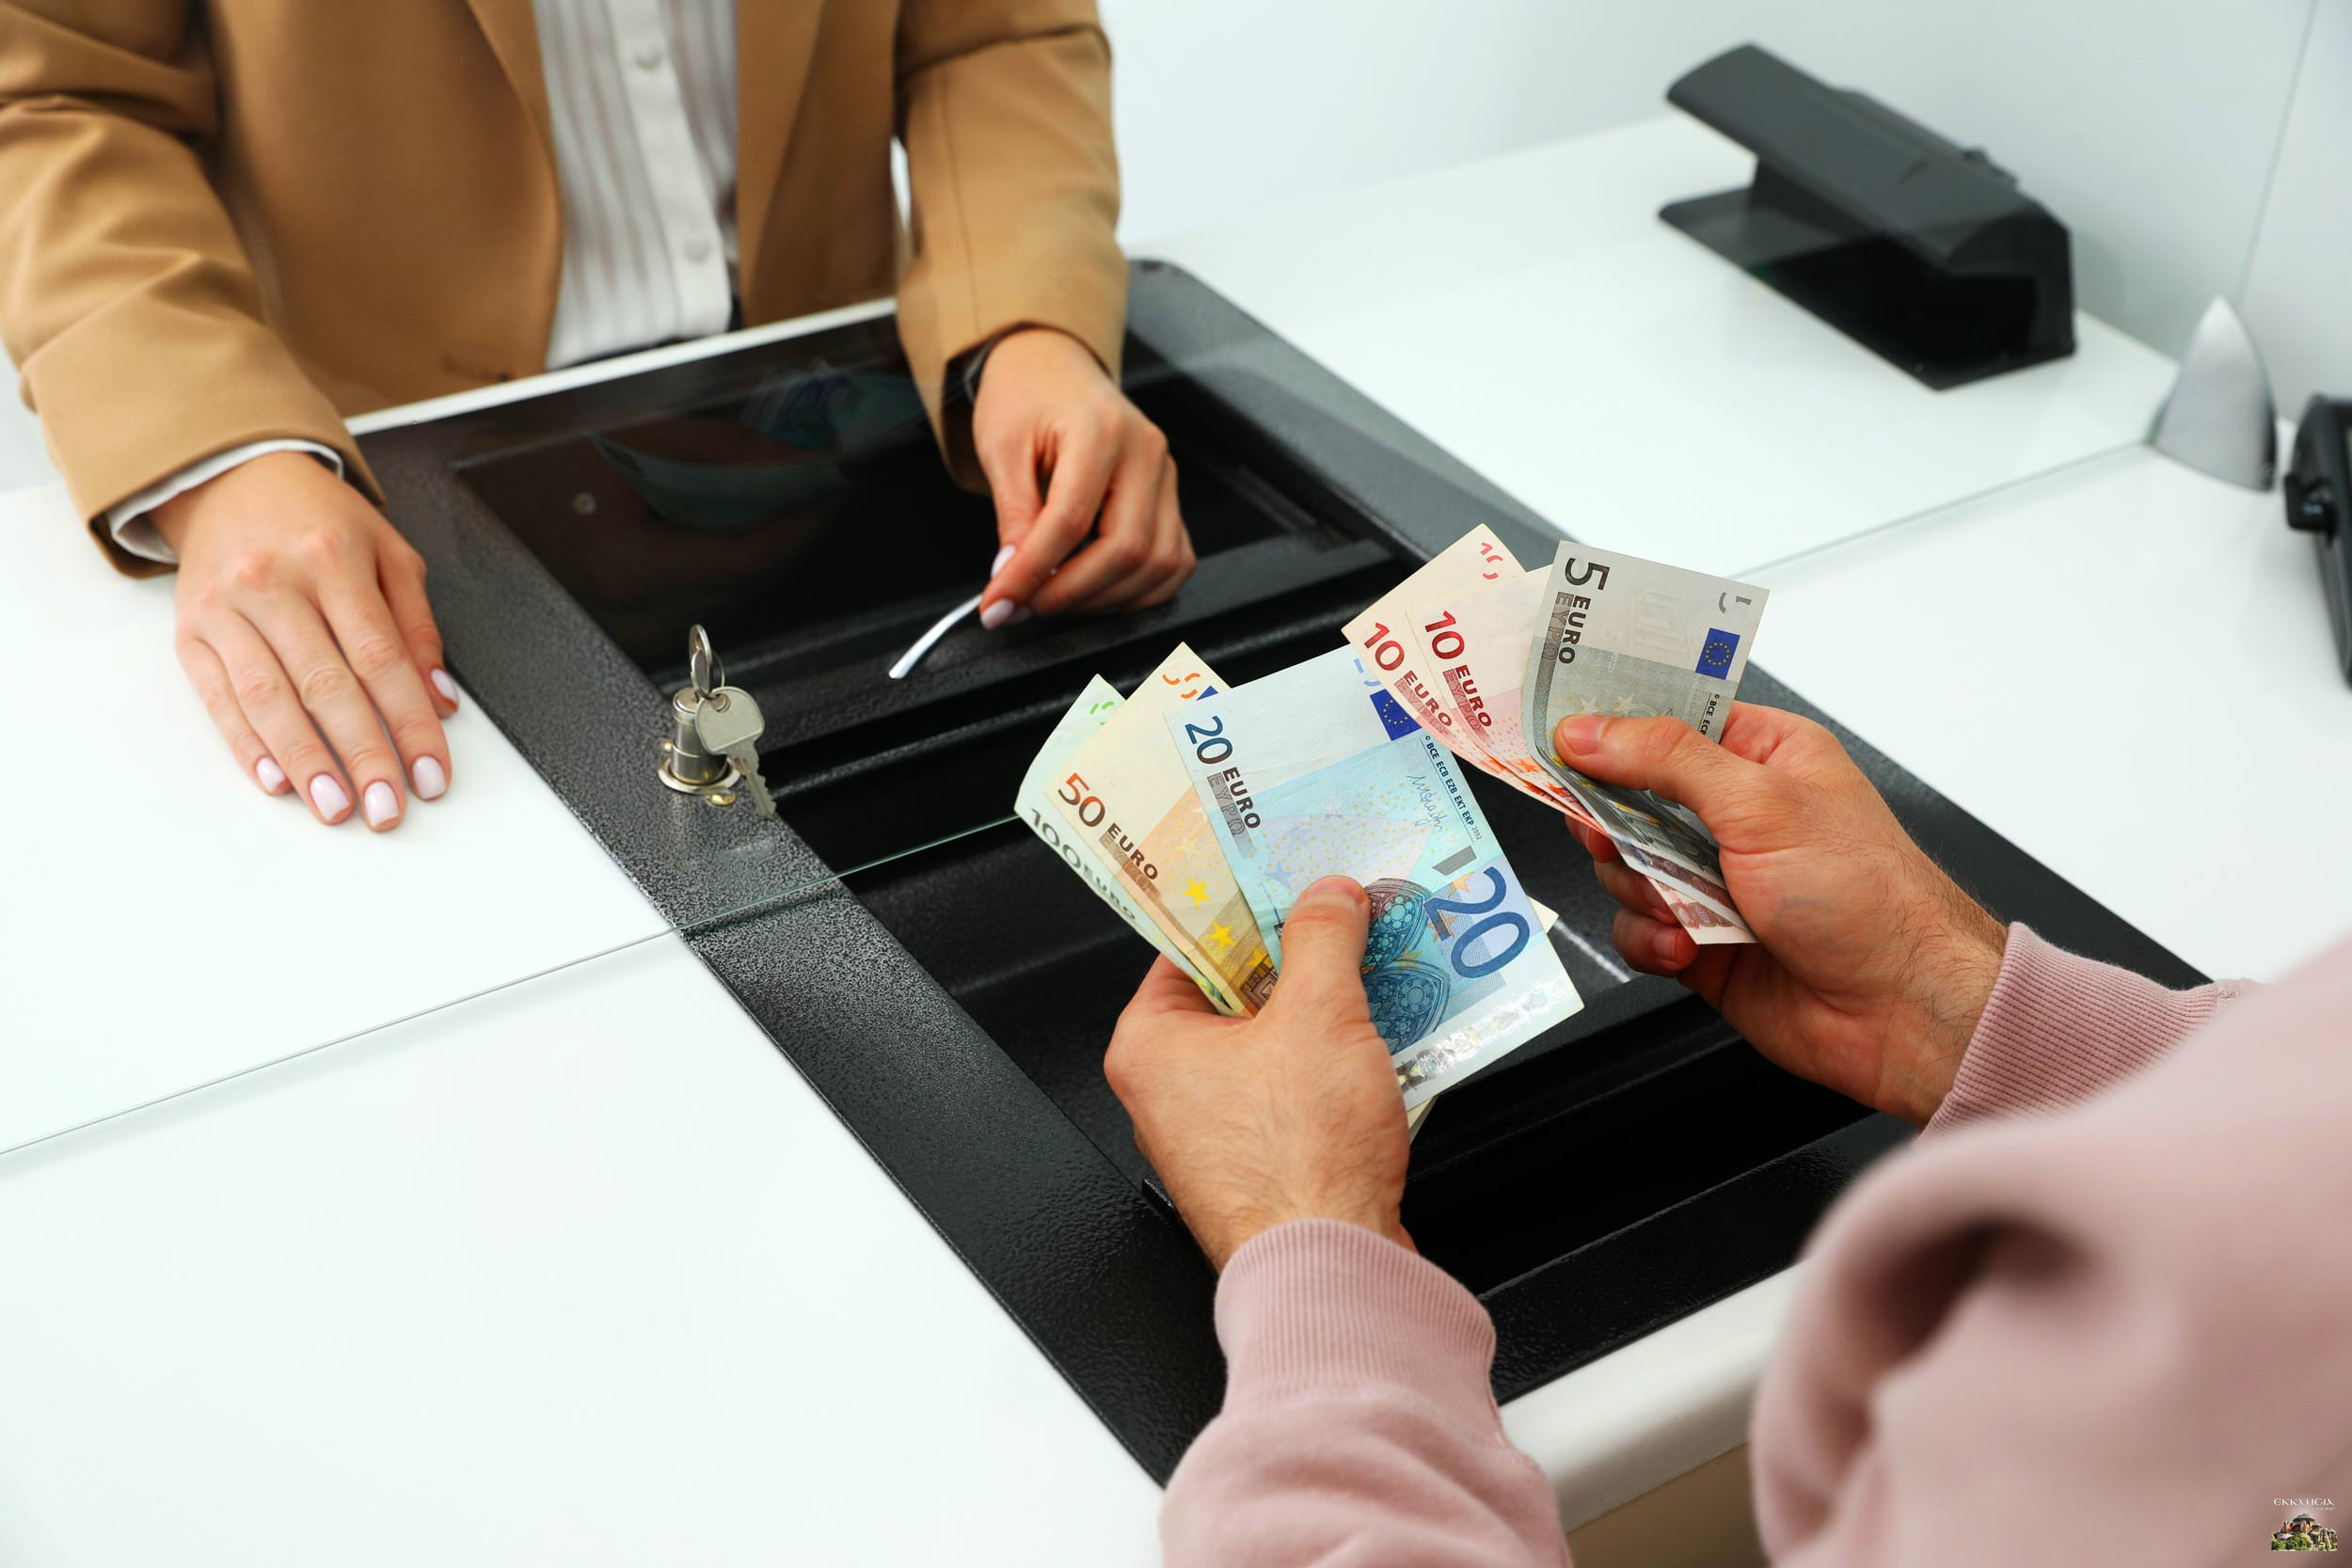 επιδόματα πληρωμές ταμείο